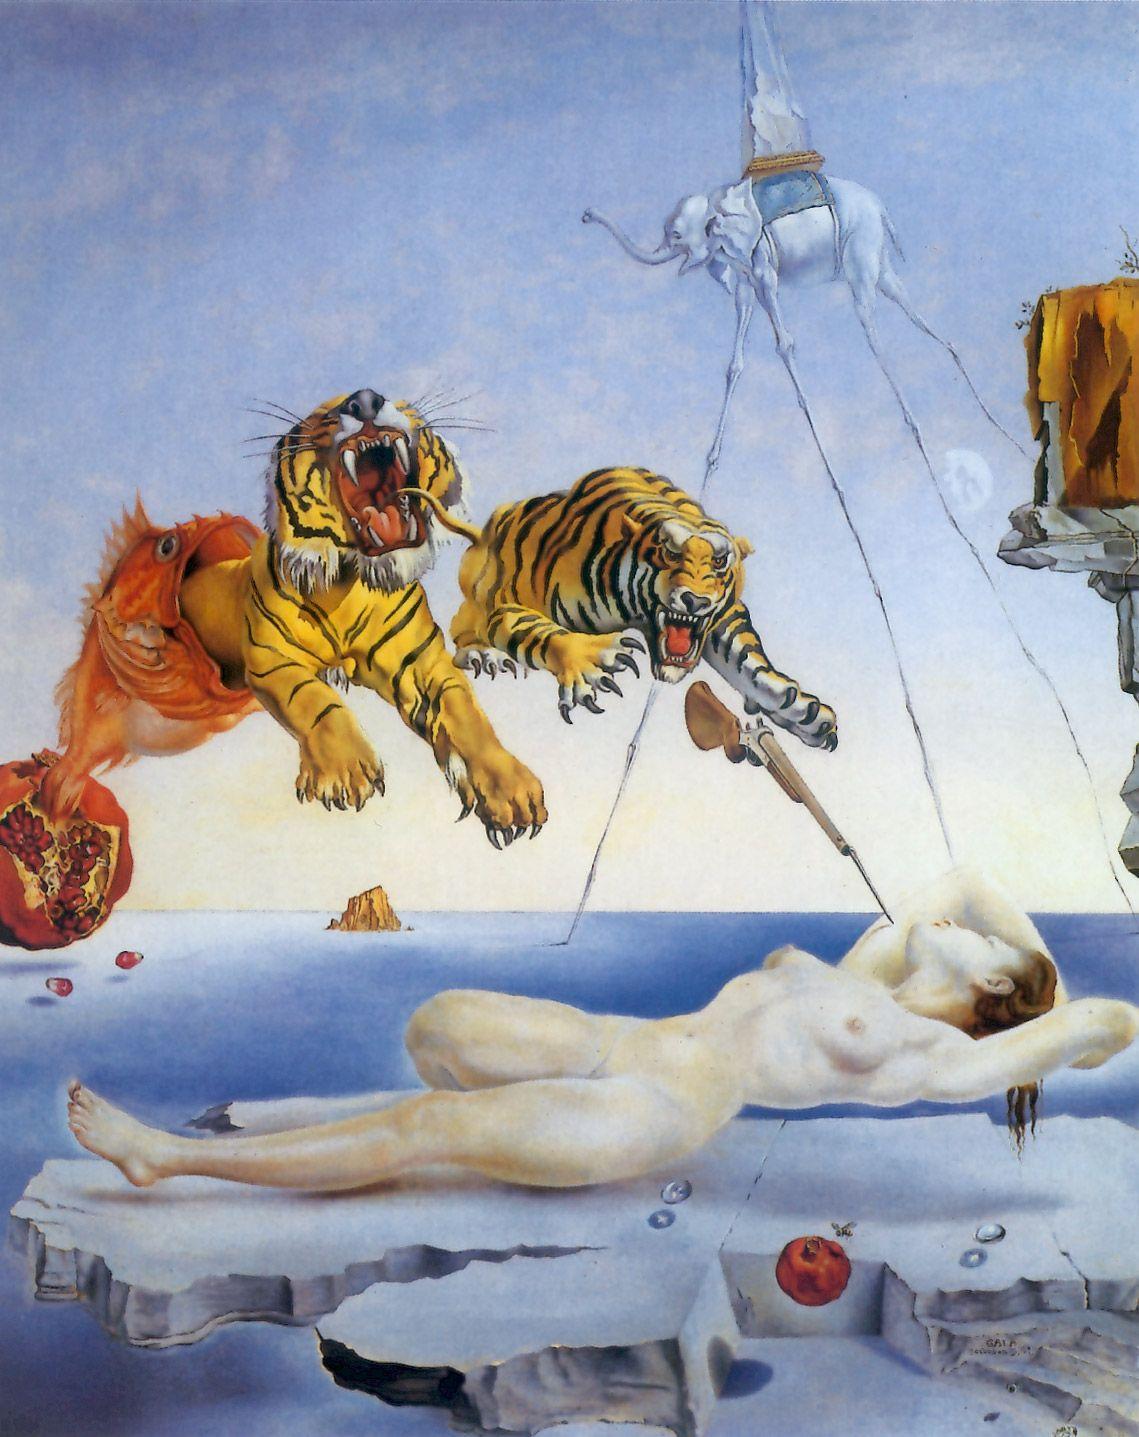 Surto de esquizofrenia pode ser detectado com obras de Dalí